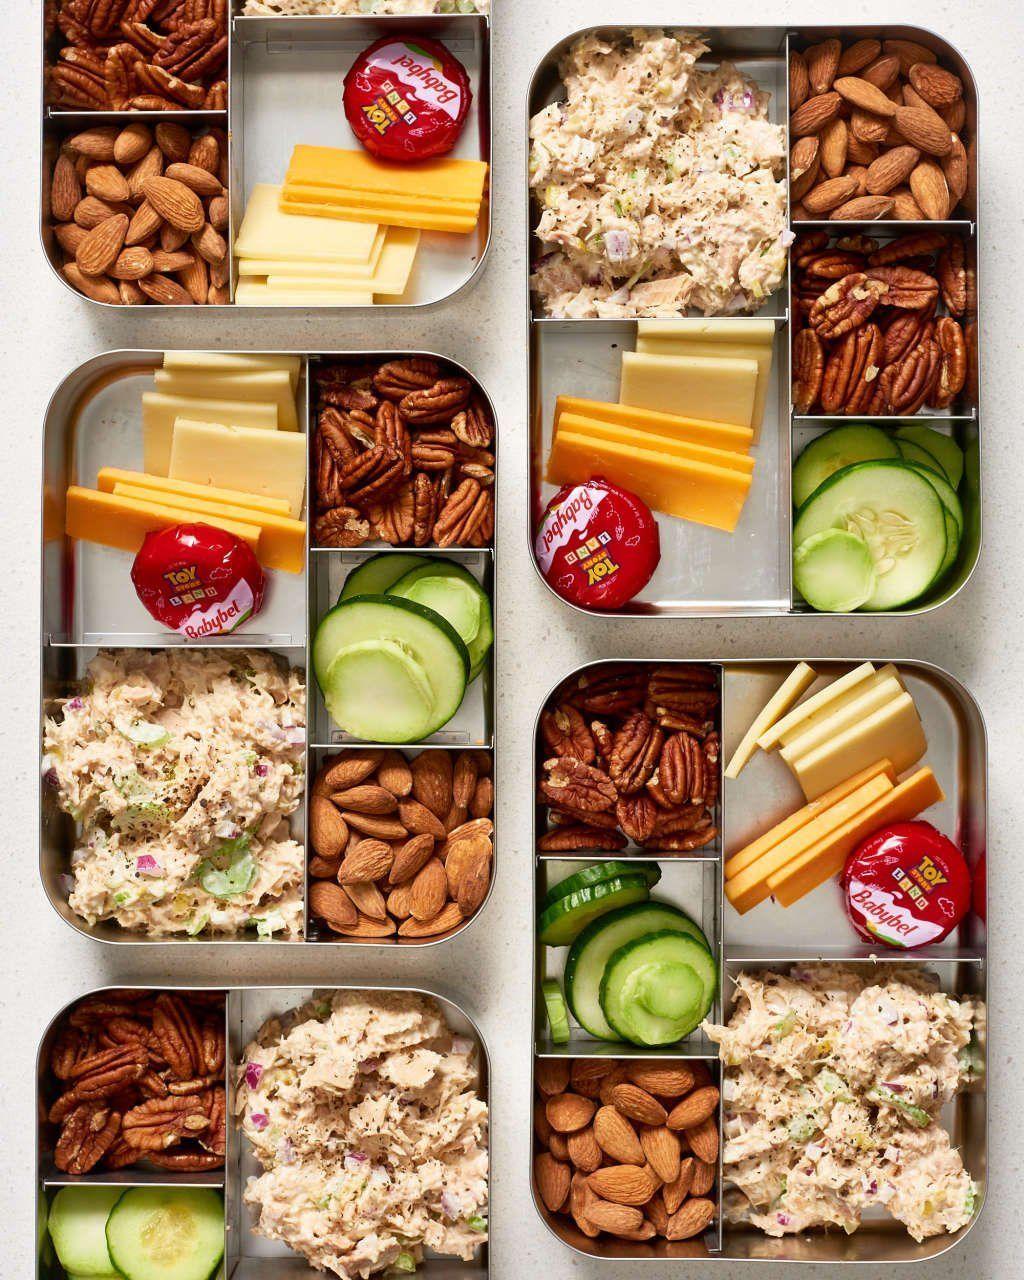 Essenszubereitungsplan Eine Woche mit einfachen KetoMahlzeiten Essenszubereitungsplan Eine Woche mit einfachen KetoMahlzeiten